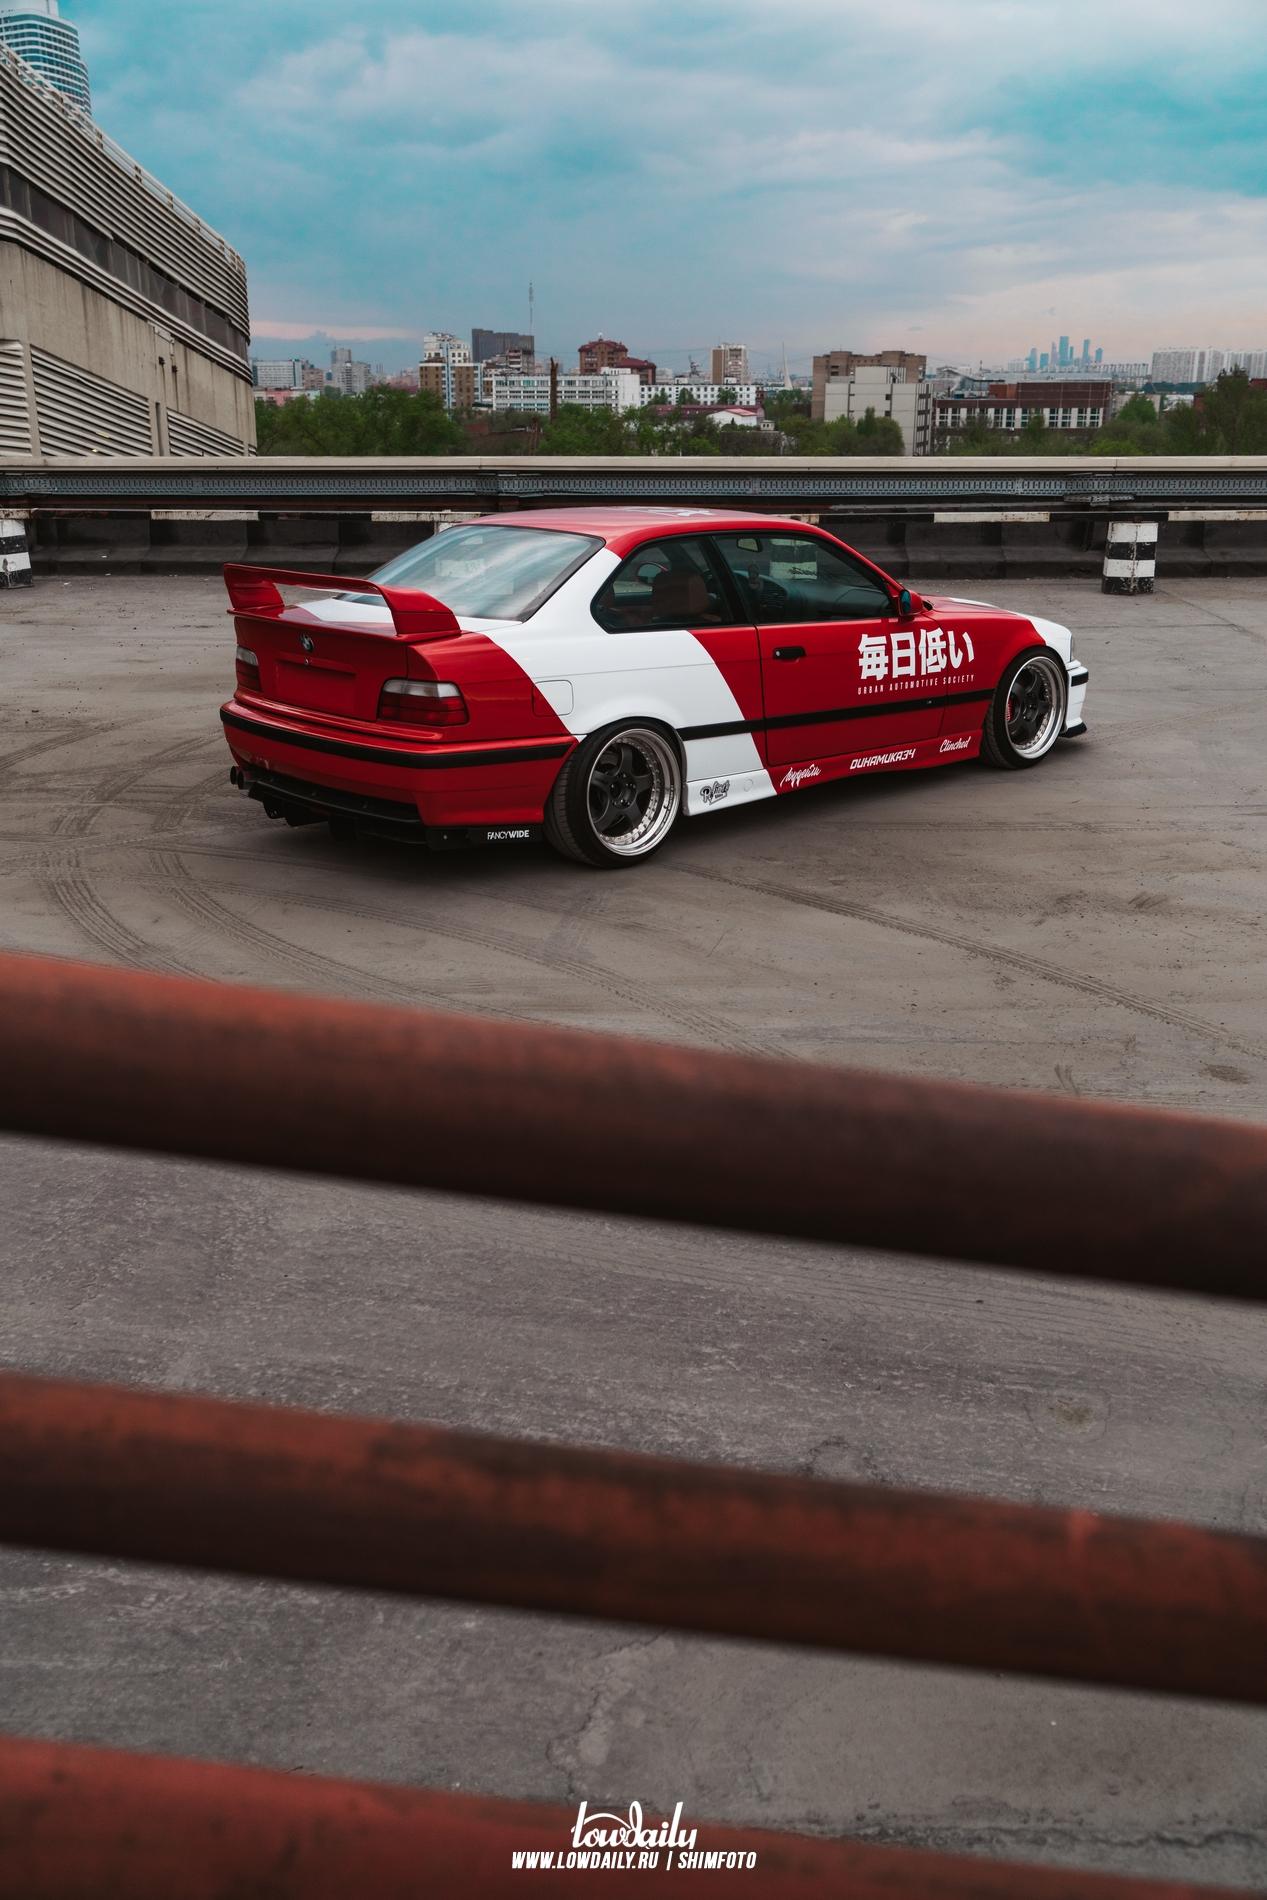 BMW E36 - Twinturbo 2JZ GTE